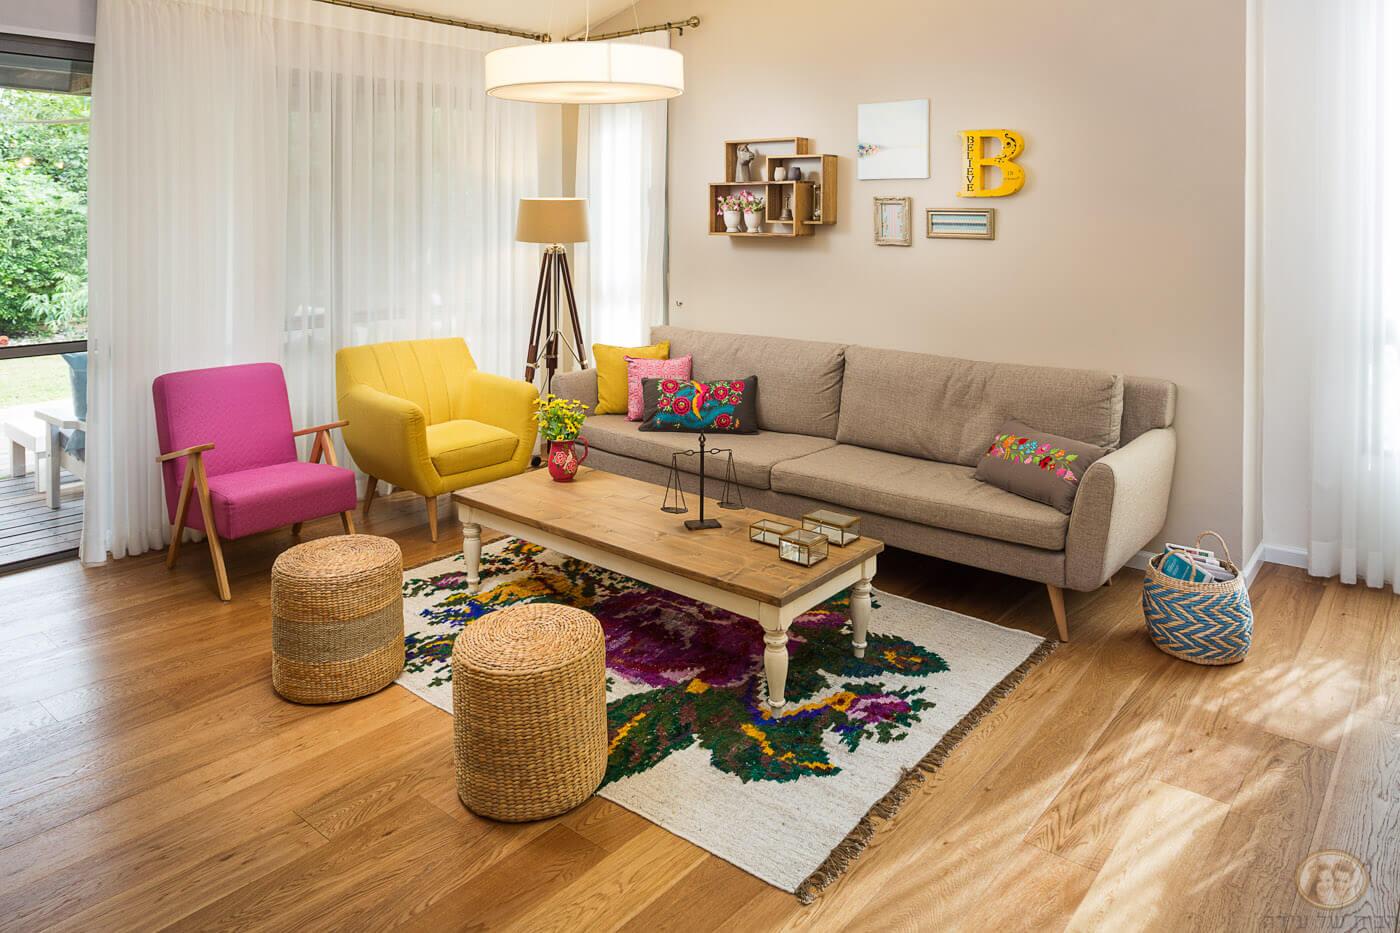 כורסאות צבעוניות לסלון